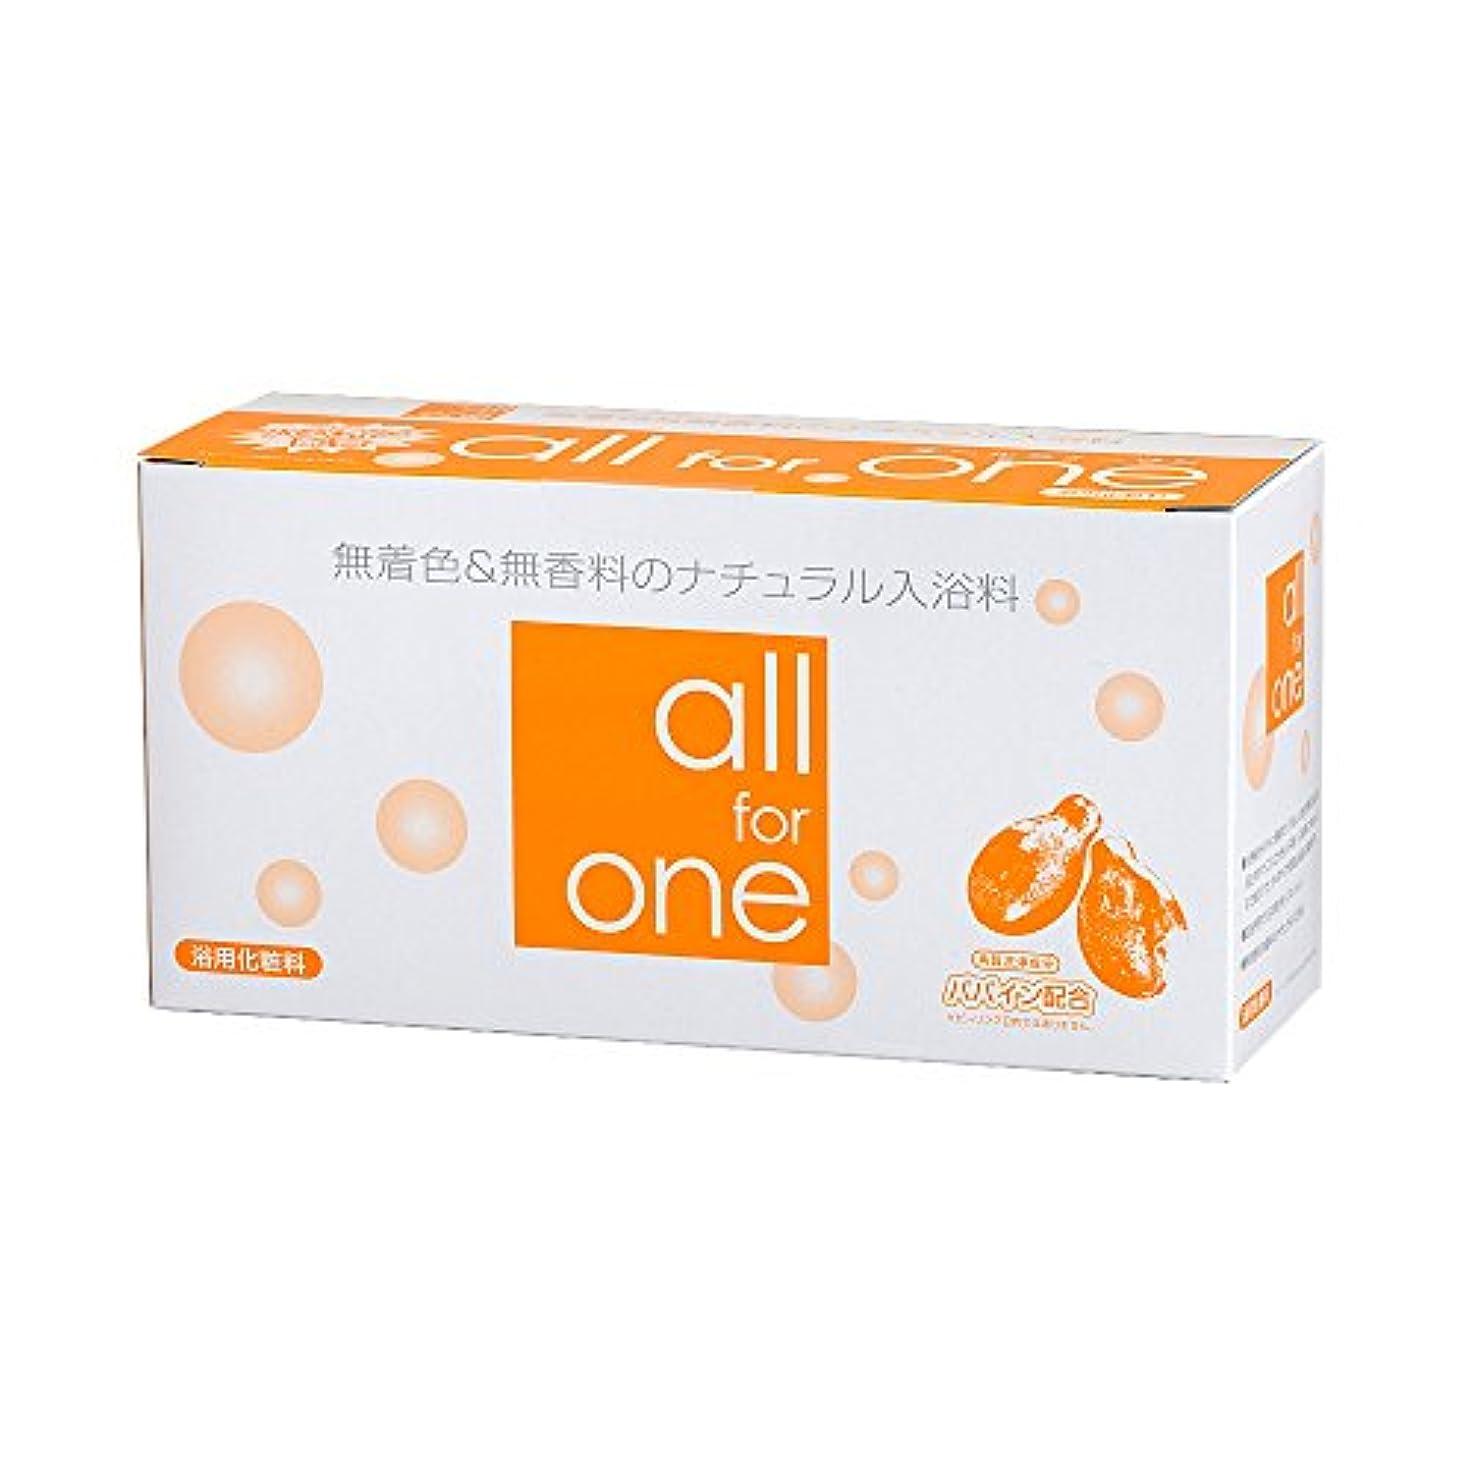 ボーダー言う配管パパイン酵素配合 無着色&無香料 ナチュラル入浴剤 all for one 30包